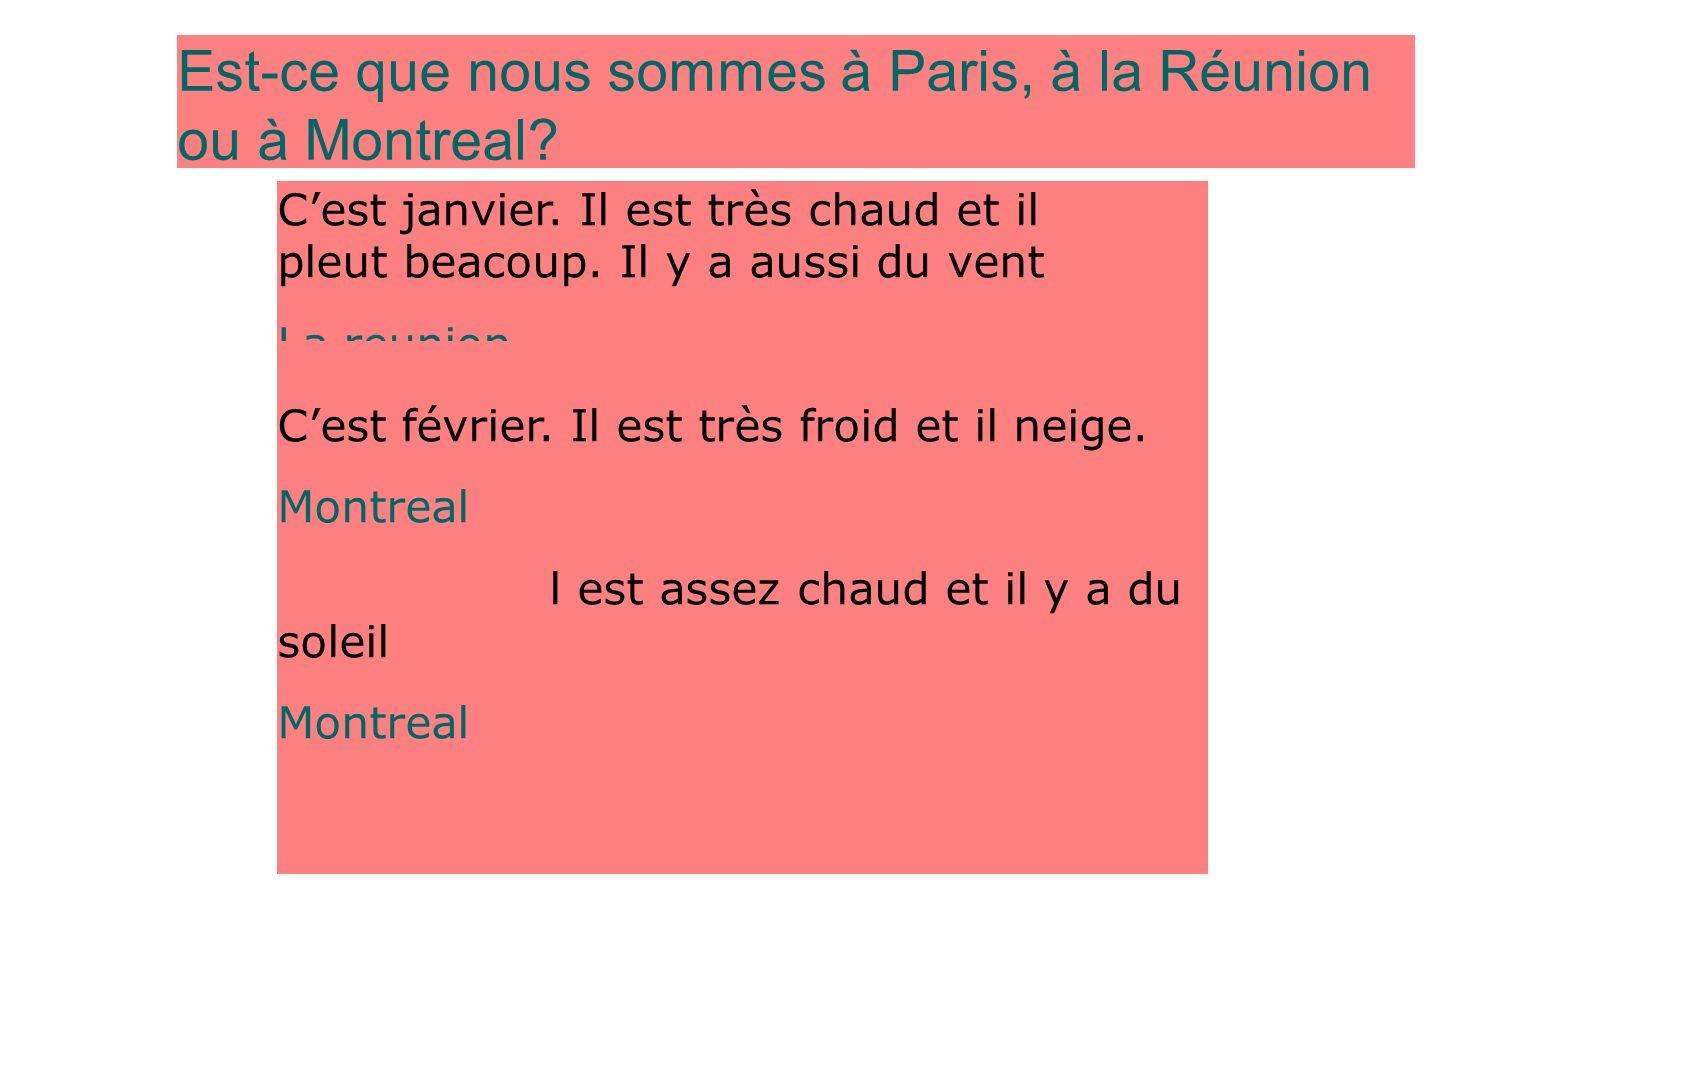 Est-ce que nous sommes à Paris, à la Réunion ou à Montreal